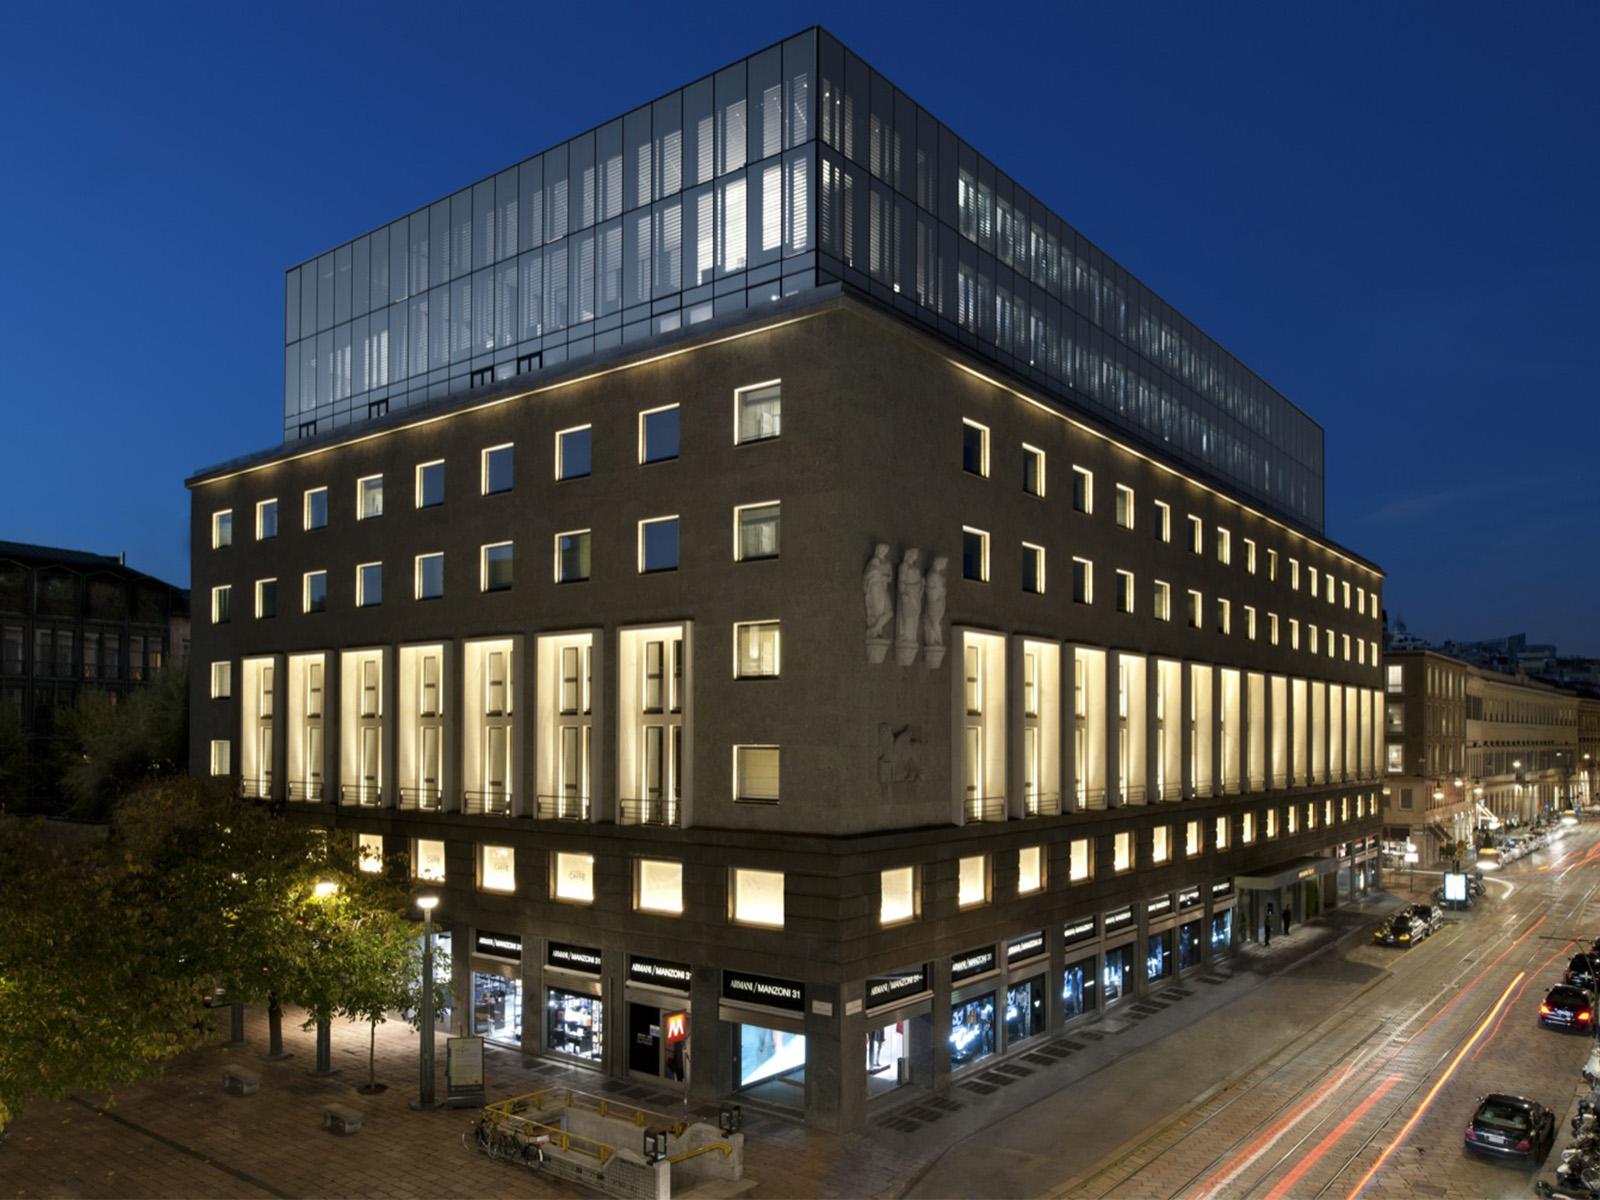 Fachada do Armani Hotel Milano